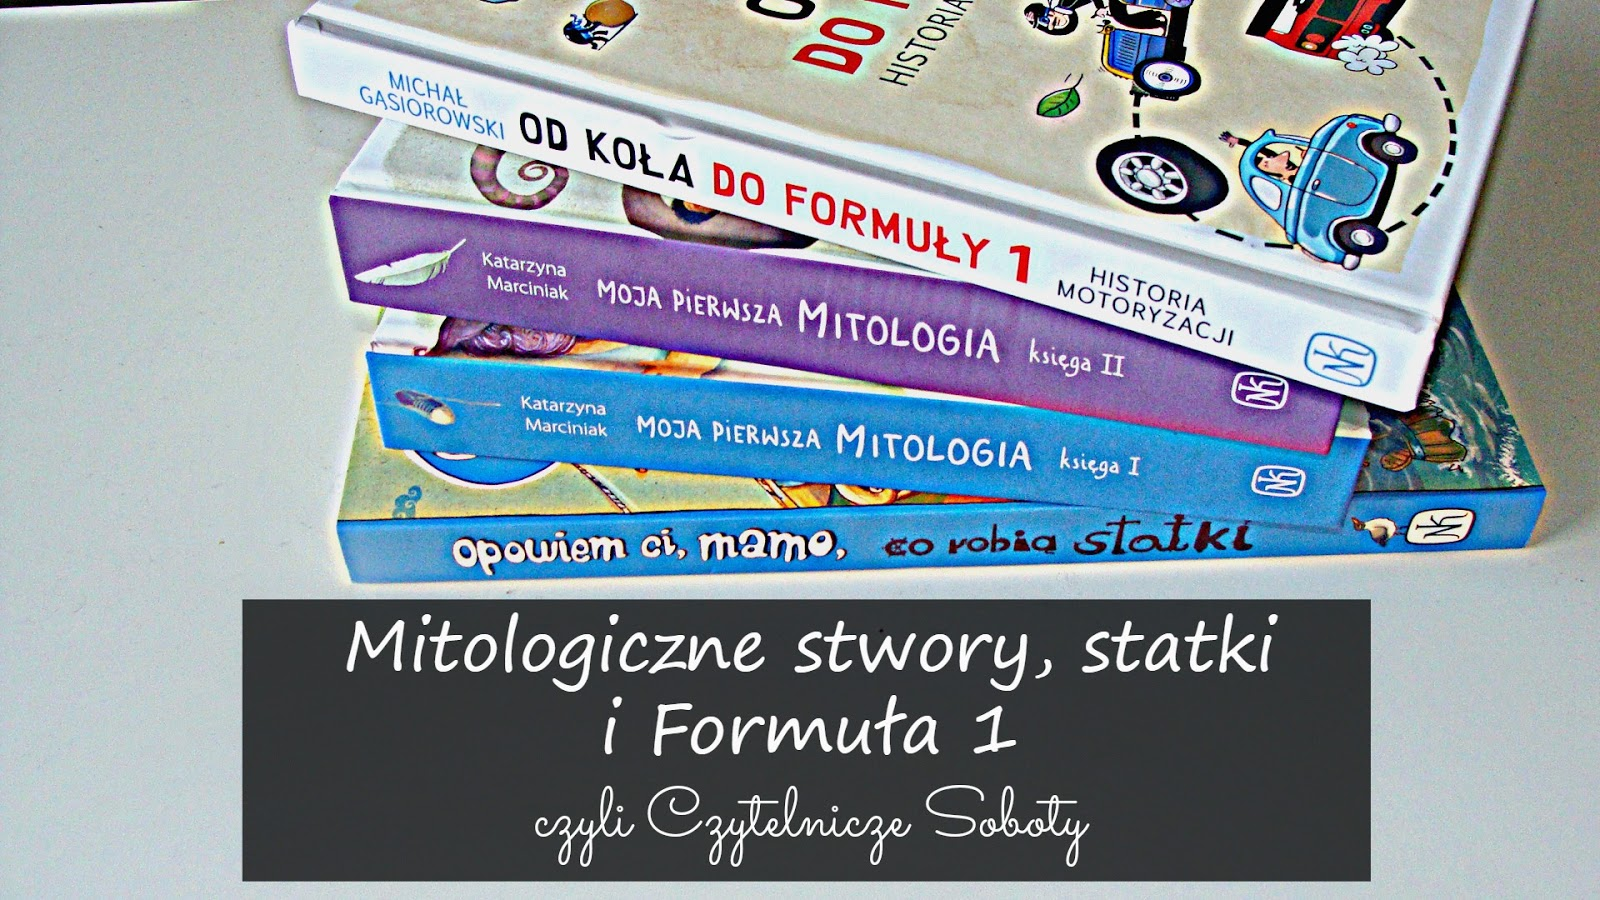 Moja pierwsza mitologia, od koła do formuły 1, opowiedz mi mamo, nasza ksiągarnia